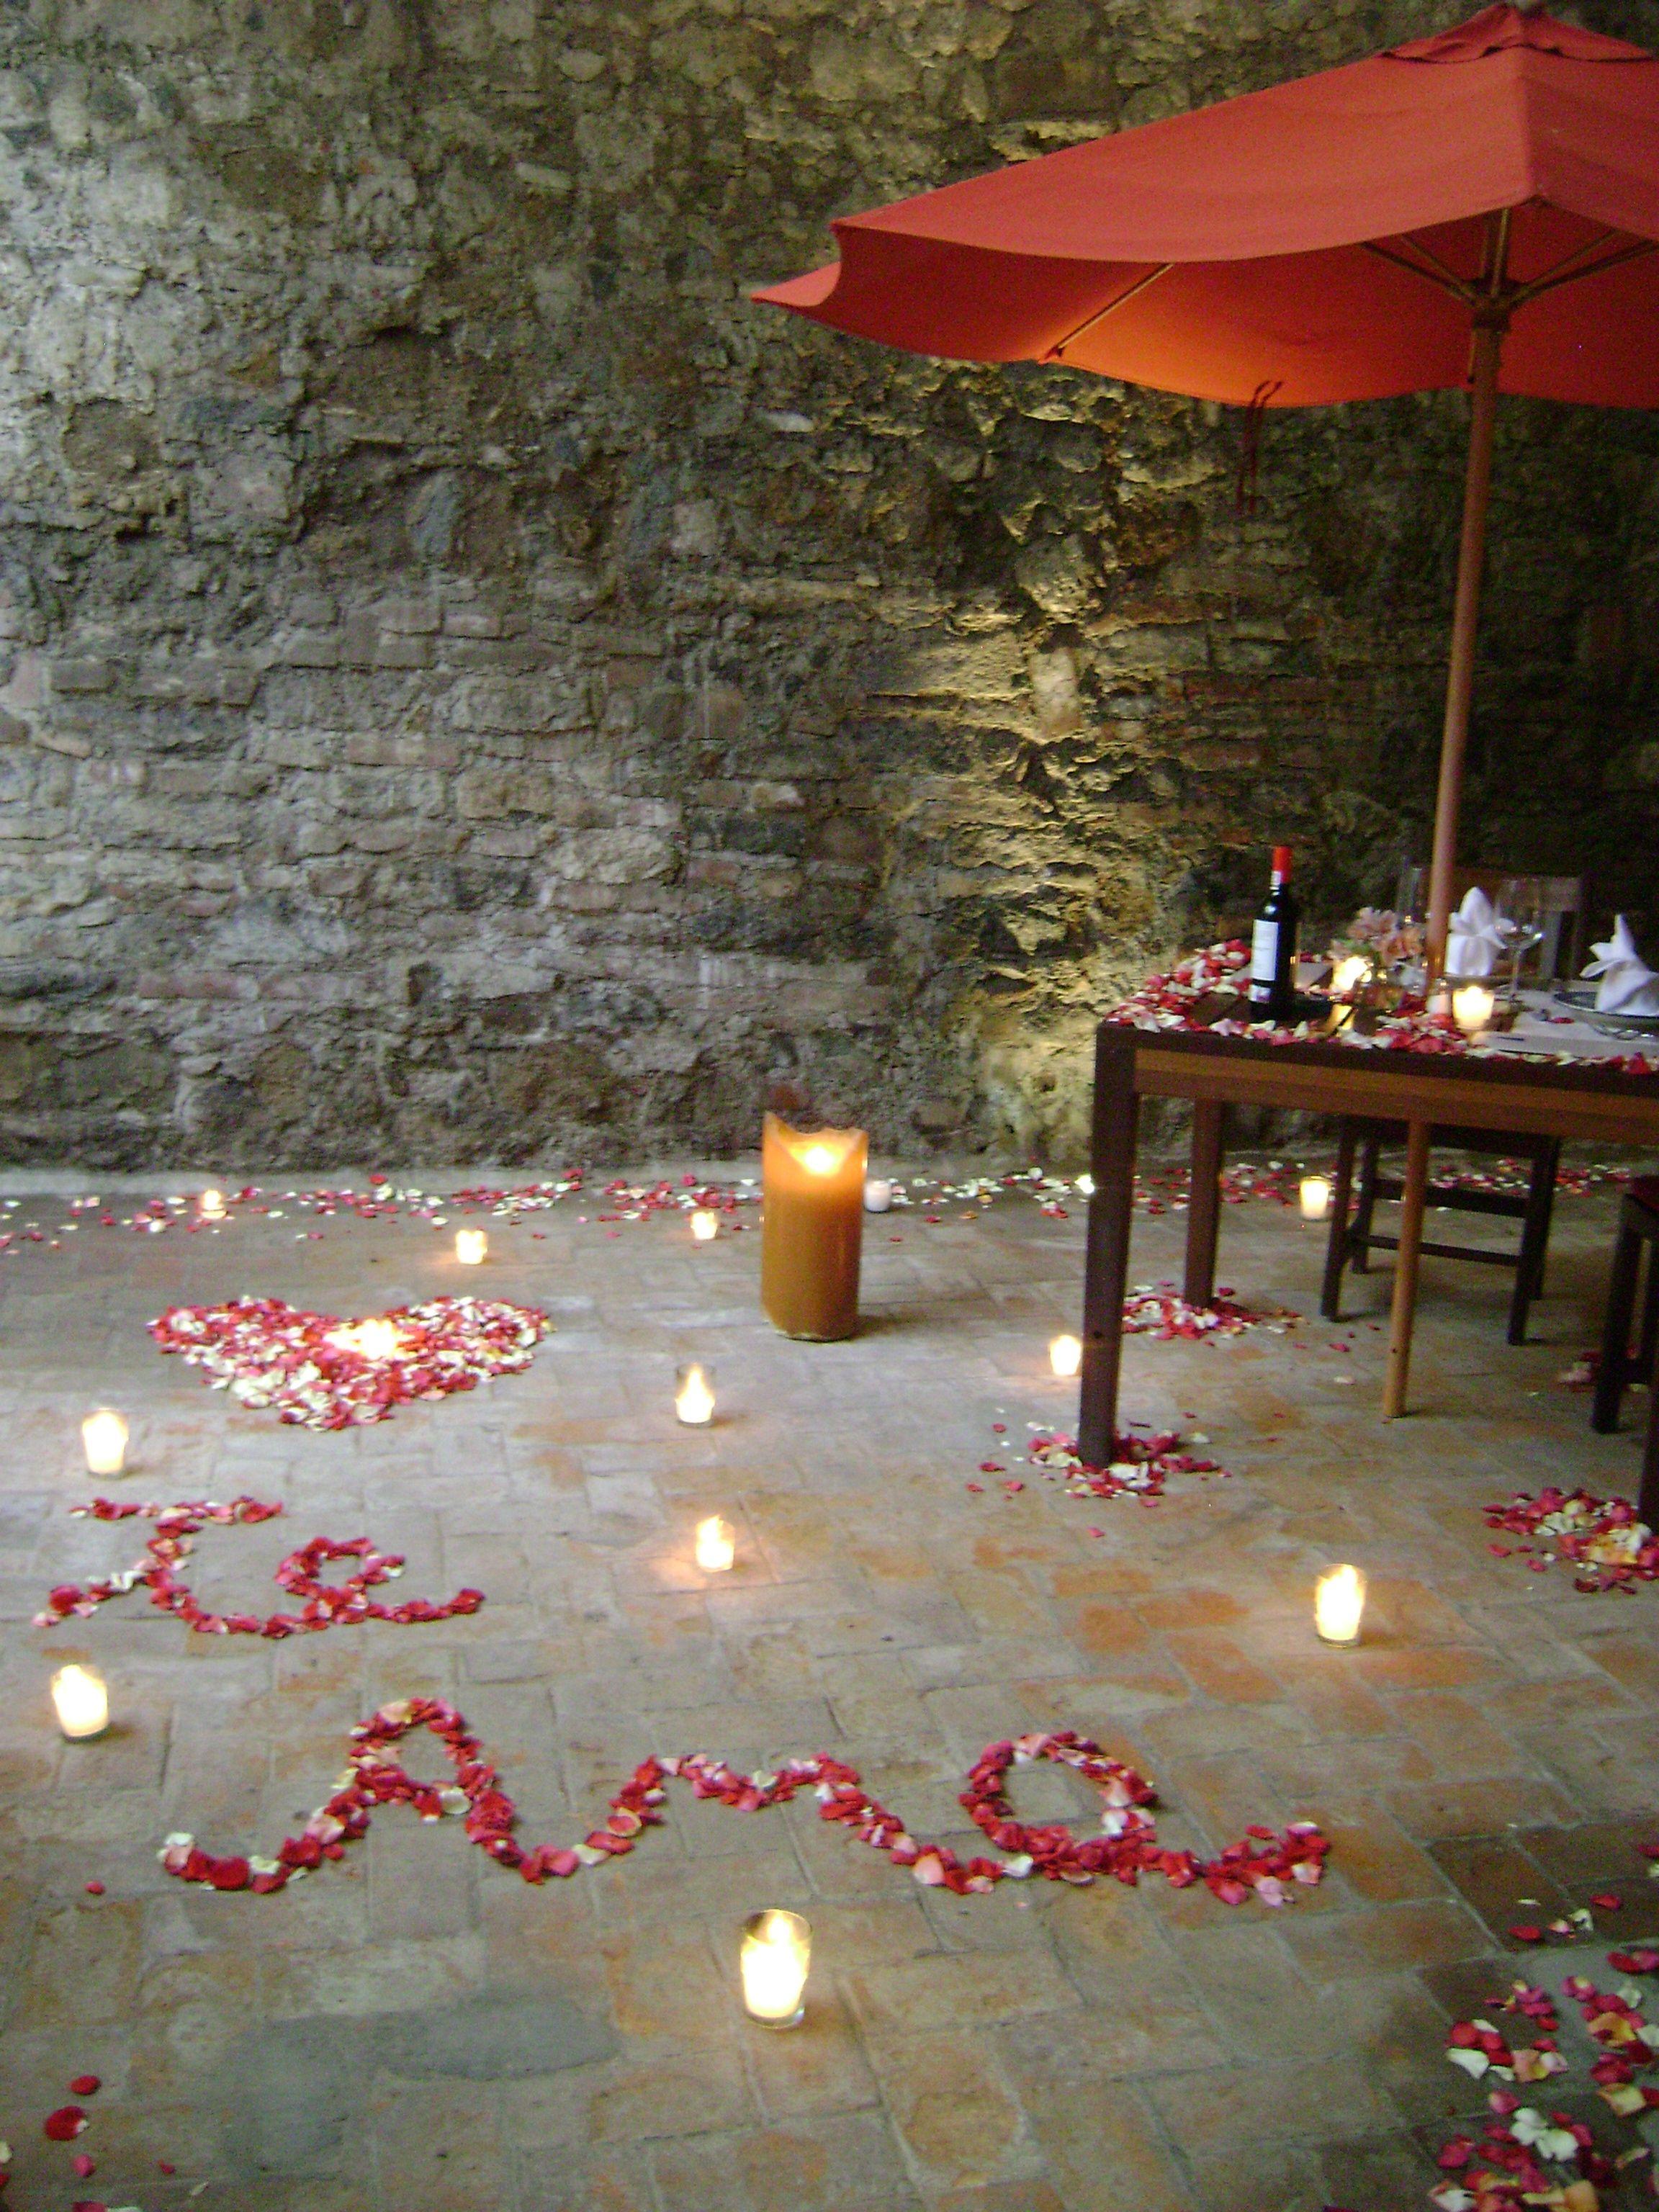 Listos para cualquier cena romantica casa reyna - Sorpresas romanticas en casa ...